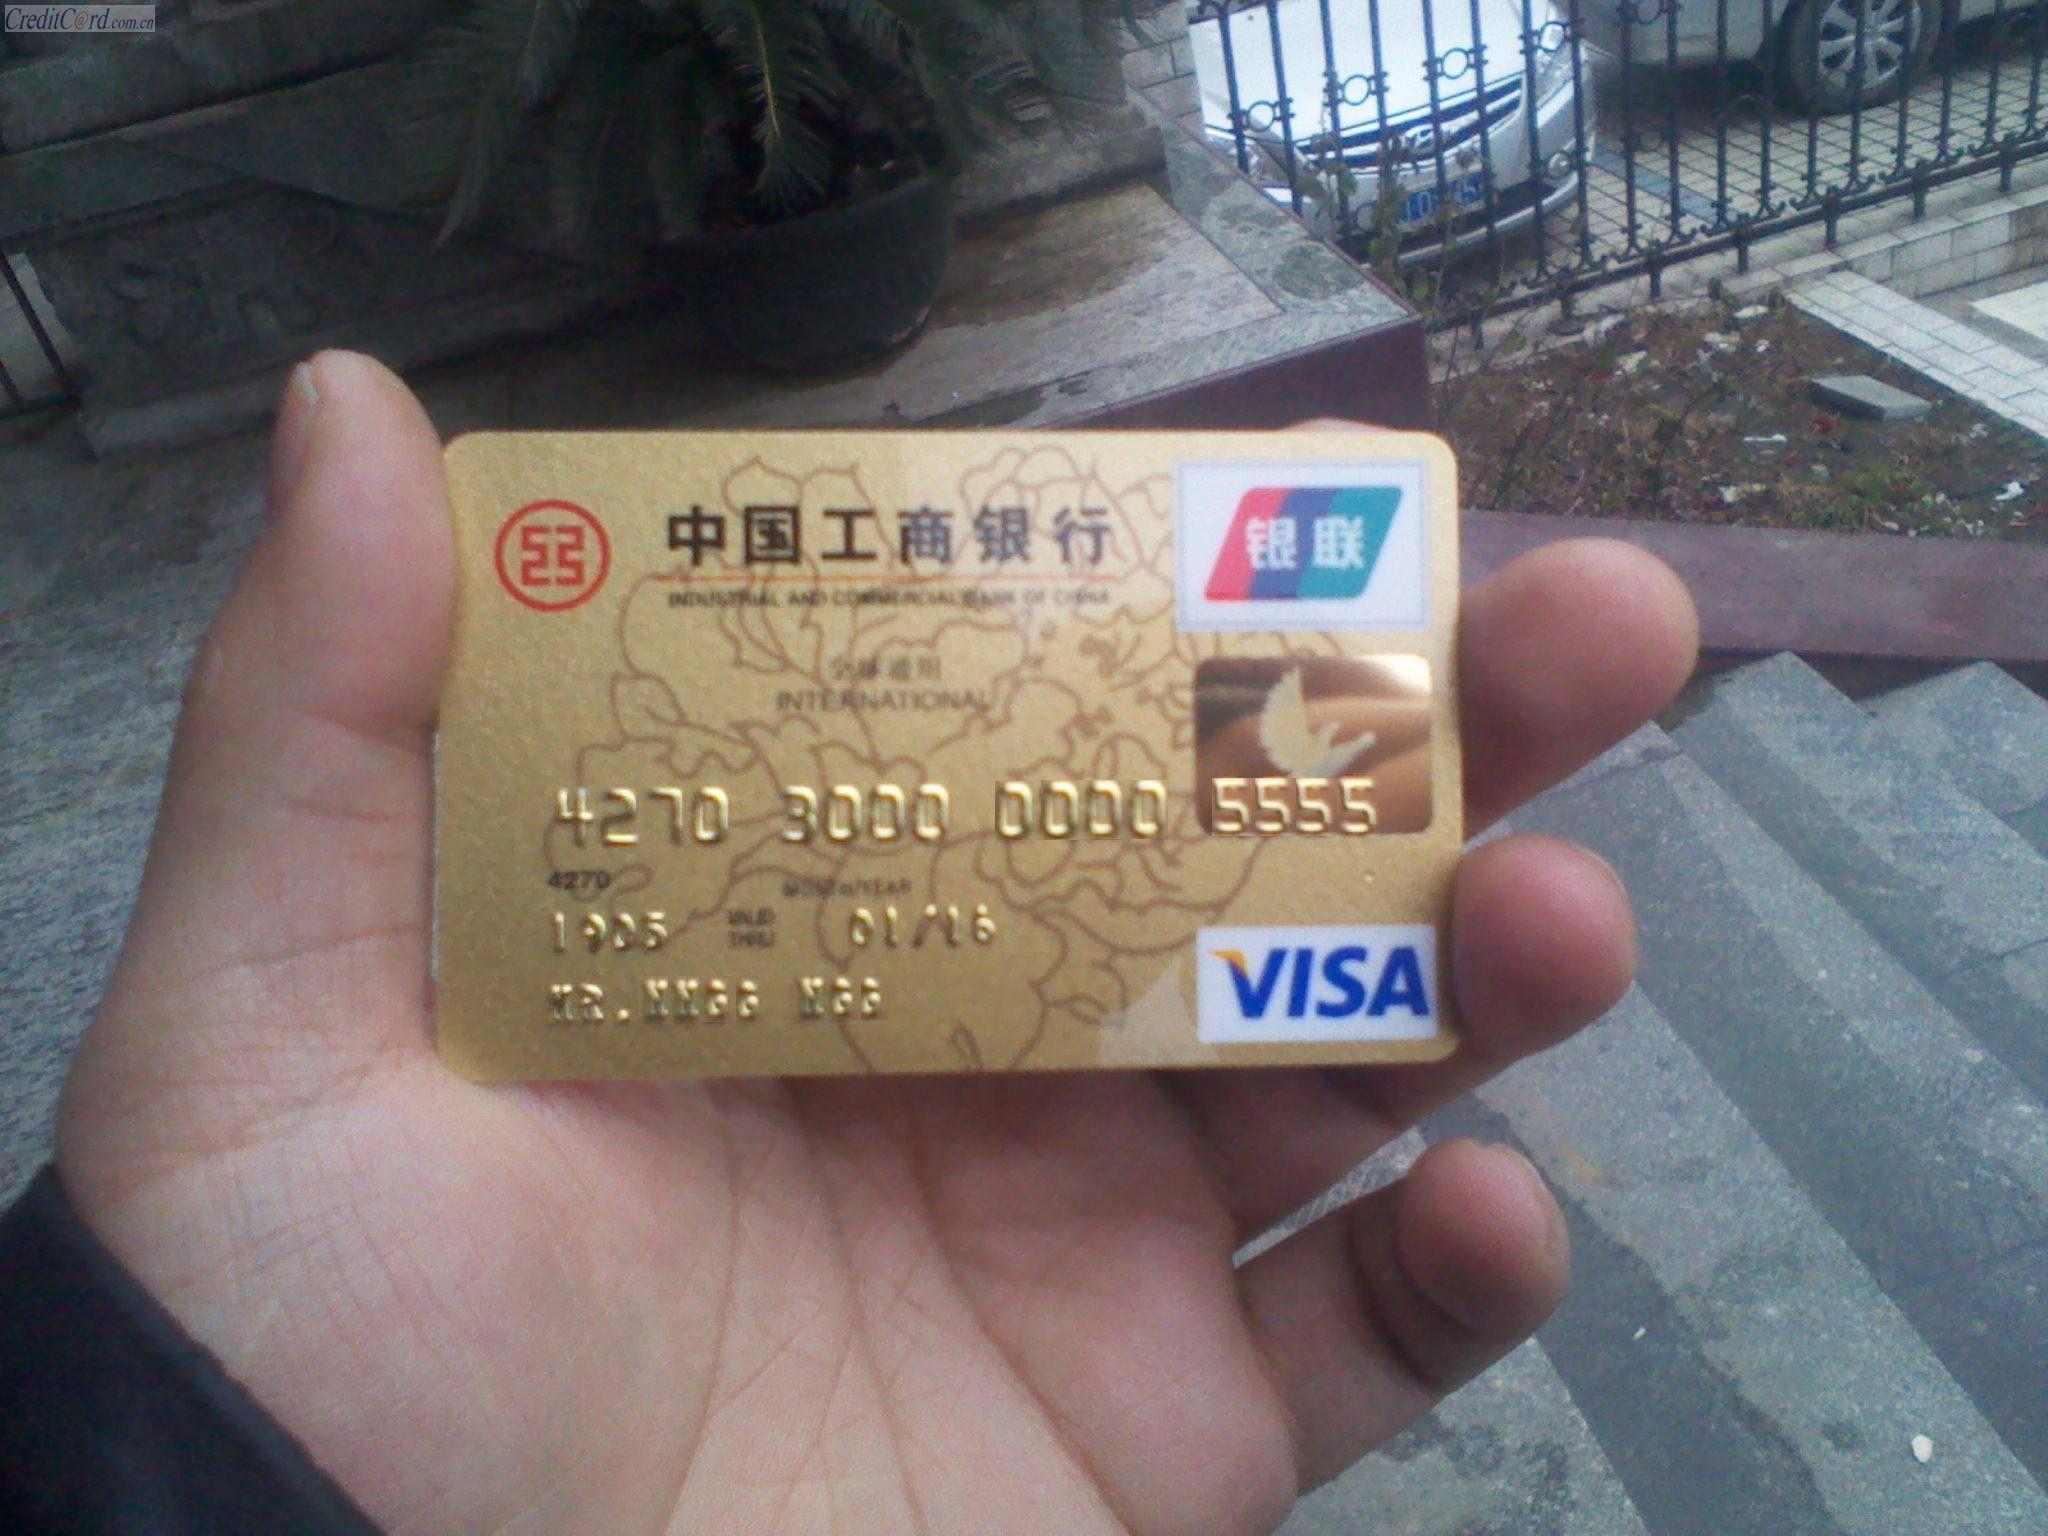 工商银行卡免年费_工商银行尊尚白金信用卡年费是多少?_百度知道